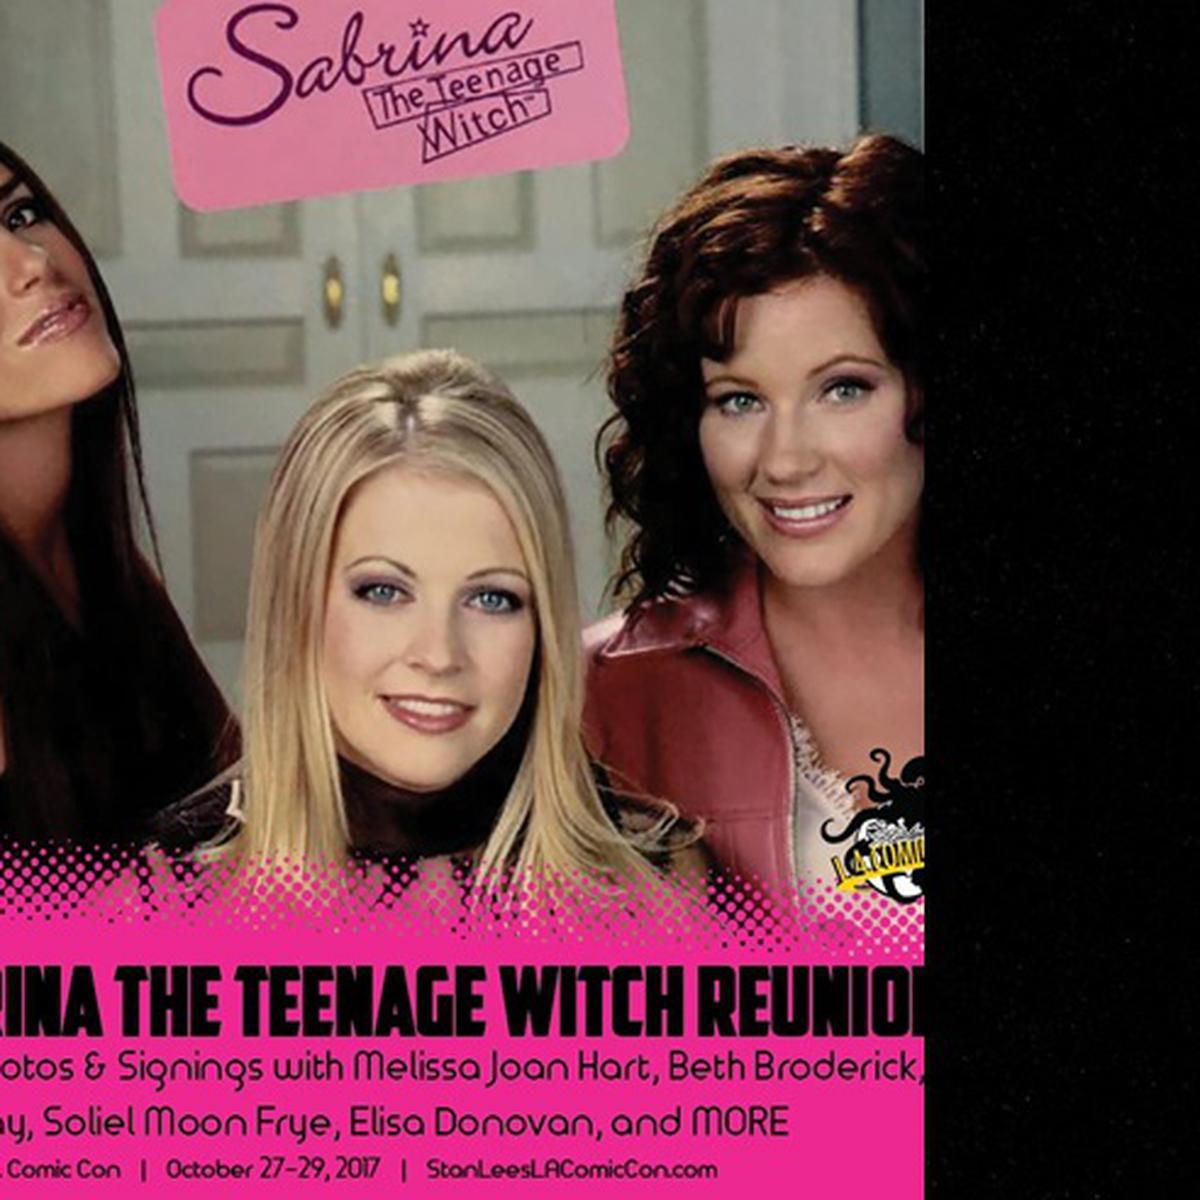 Instagram El Elenco De Sabrina La Bruja Adolescente Se Reunio 14 Anos Despues Fotos Tvmas El Comercio Peru Sabrina, the teenage witch (1996). elenco de sabrina la bruja adolescente